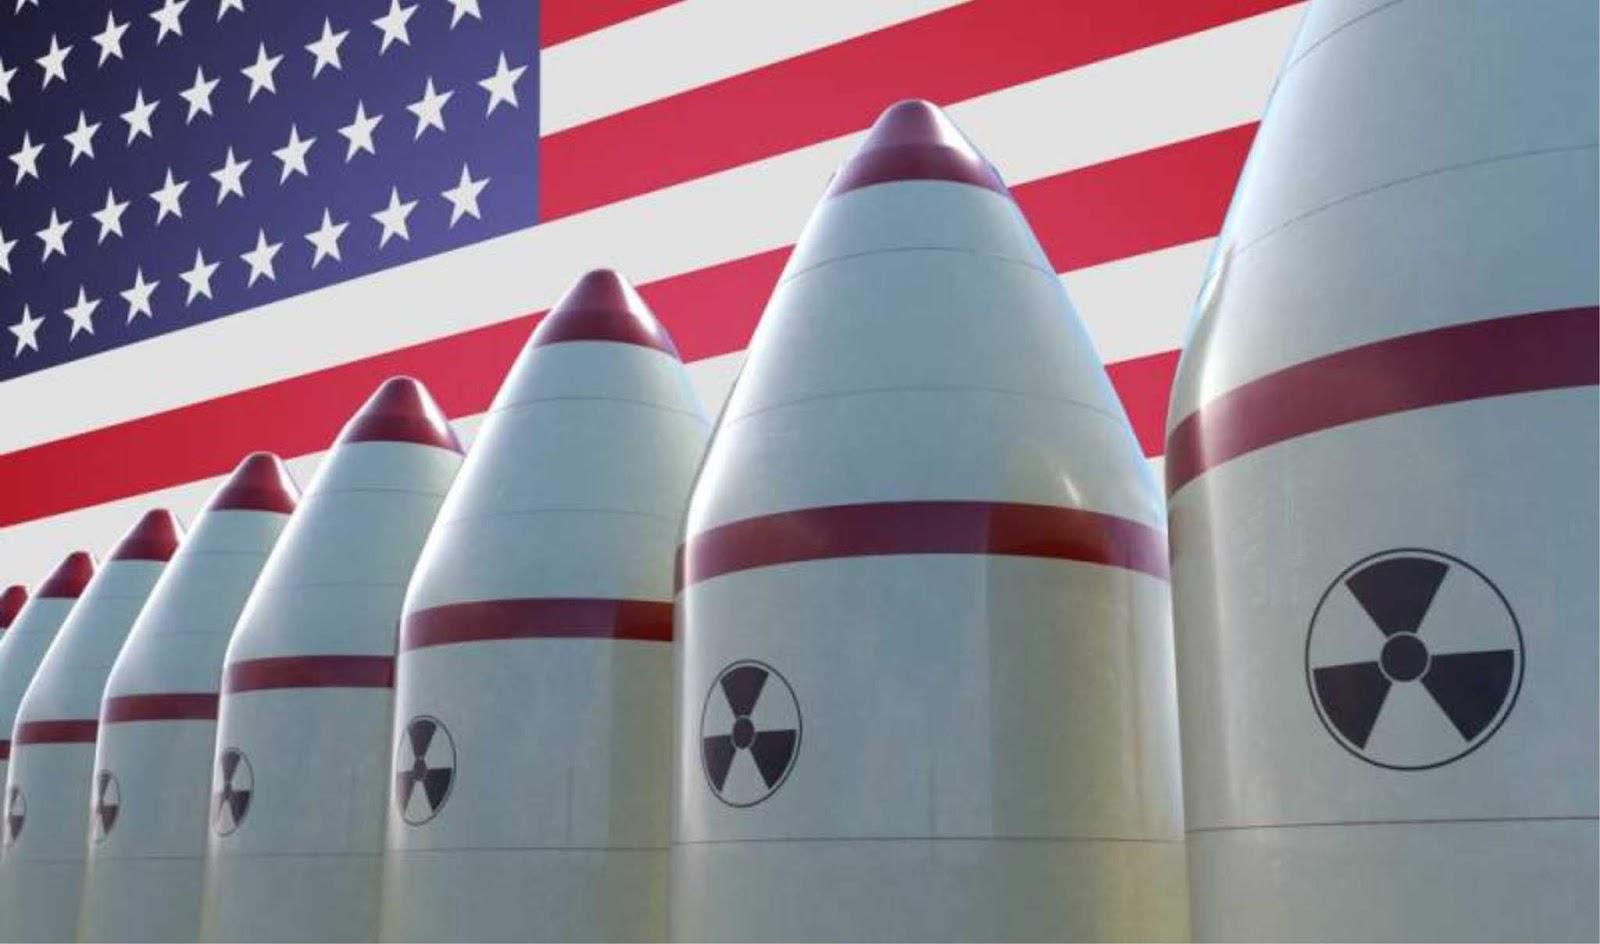 Mike Pence mengumumkan kemungkinan penempatan senjata nuklir di orbit